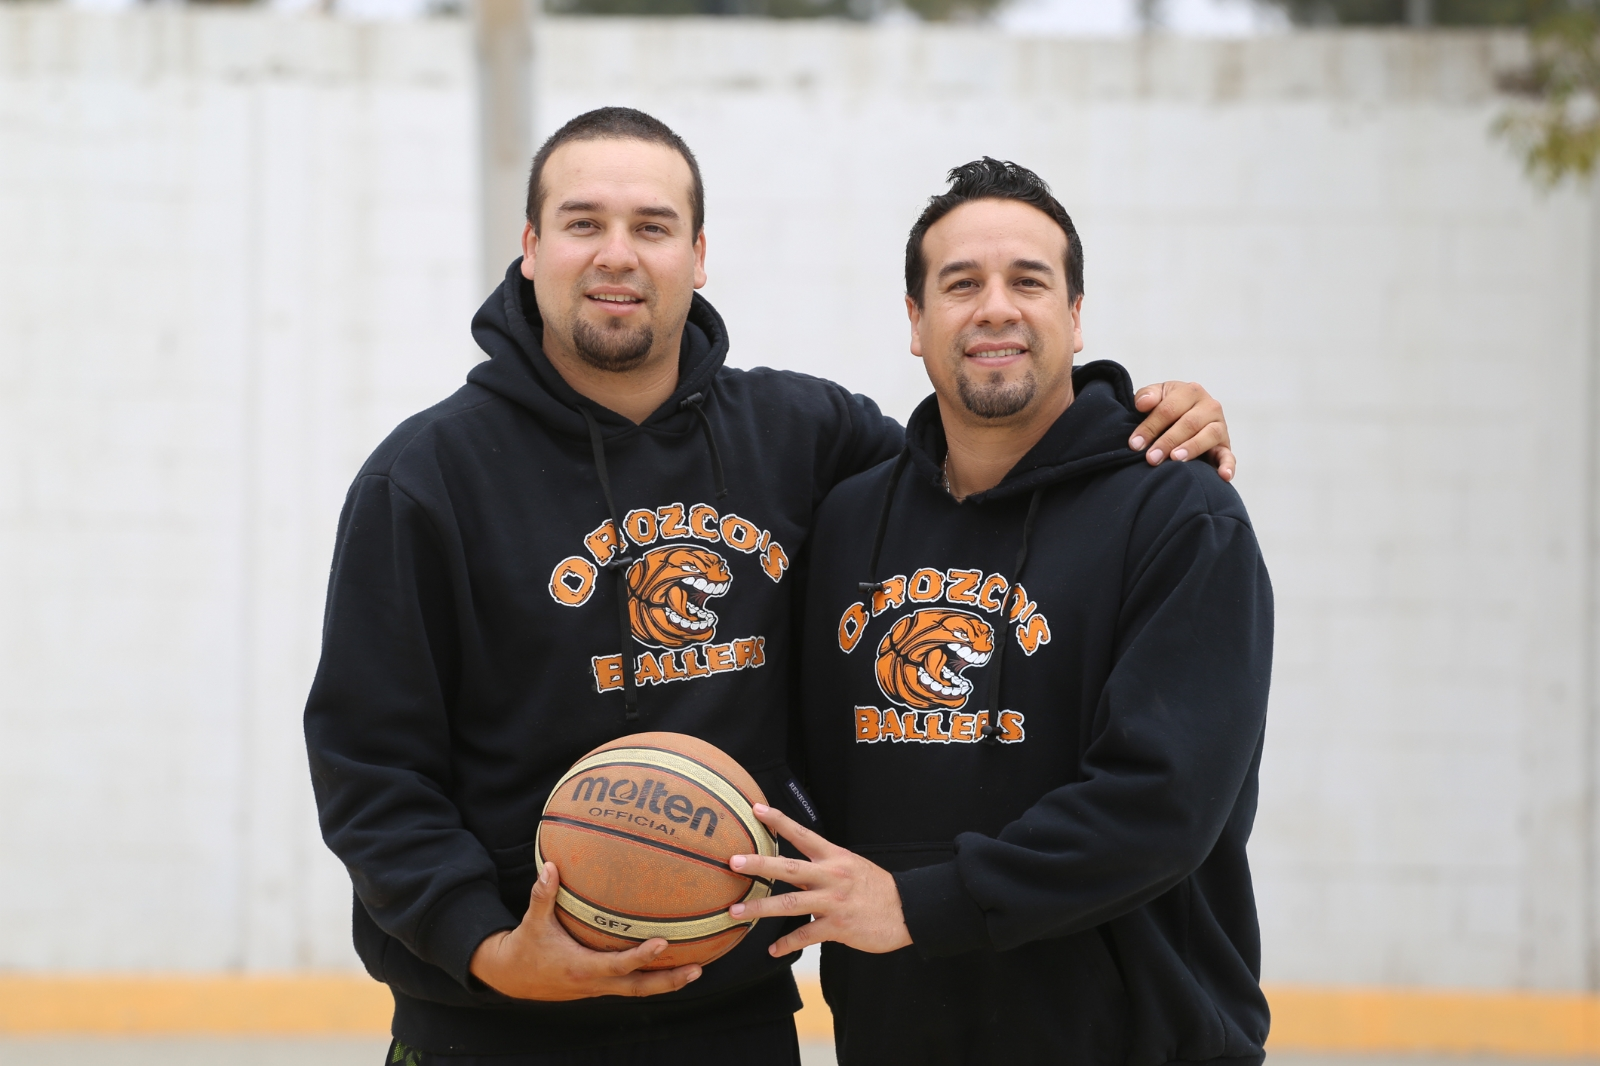 Baloncesto El Deporte Rafaga: Por Al Amor Al Basquetbol